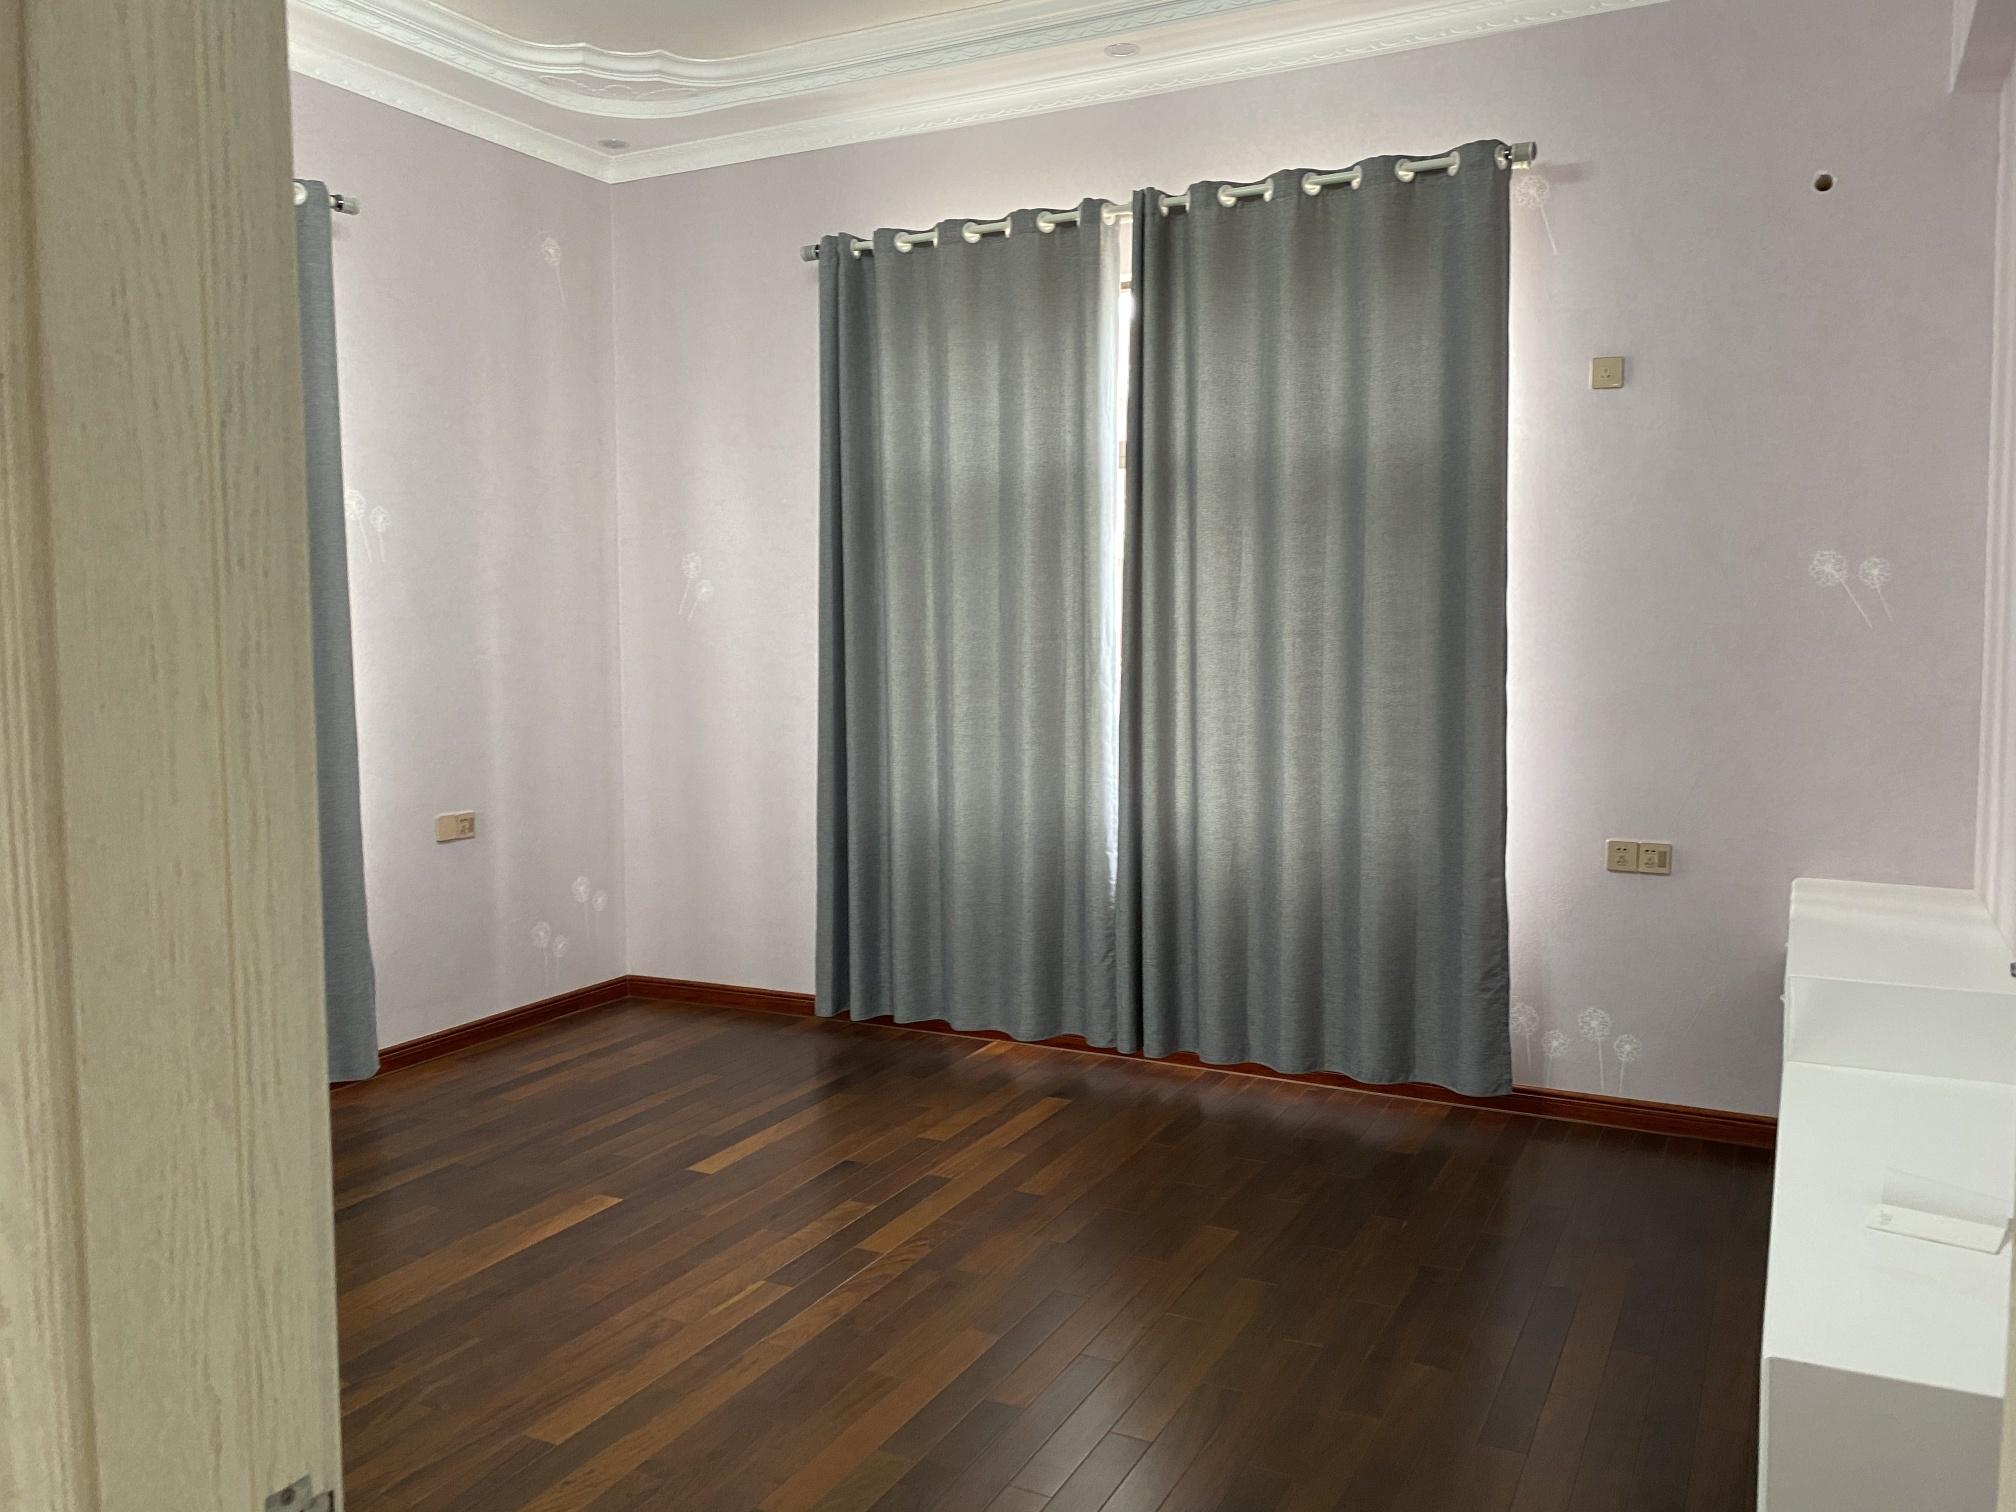 求家具床跟沙发颜色的选配